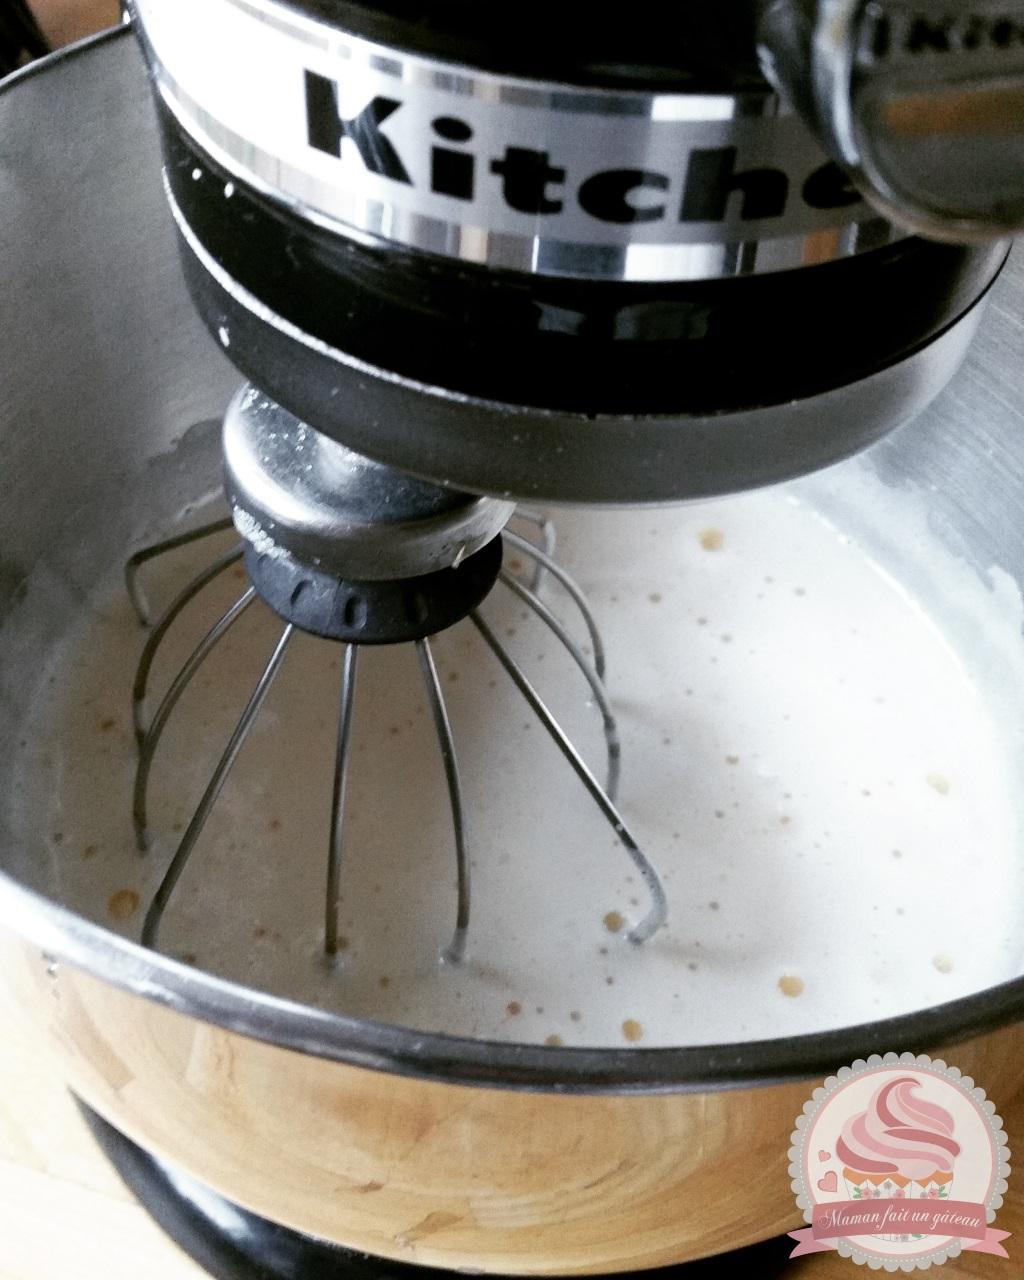 brownie-philippe-conticini-4